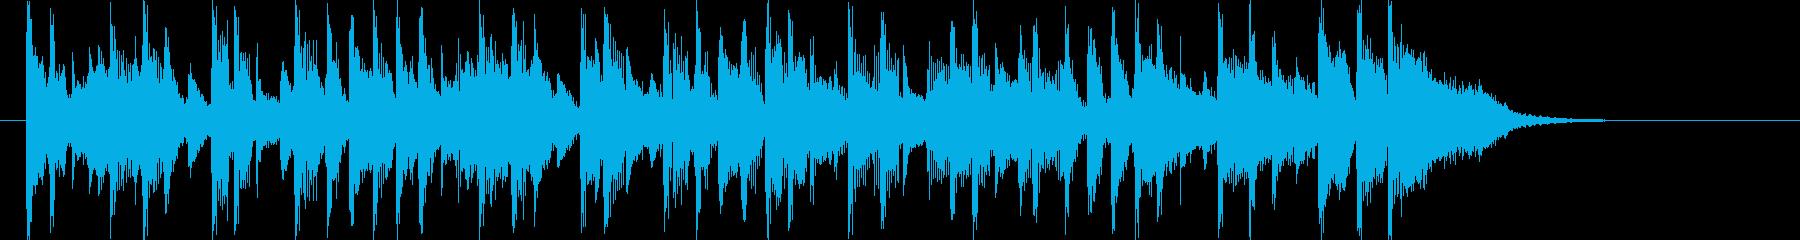 明るいポップスのバンドのジングル曲の再生済みの波形